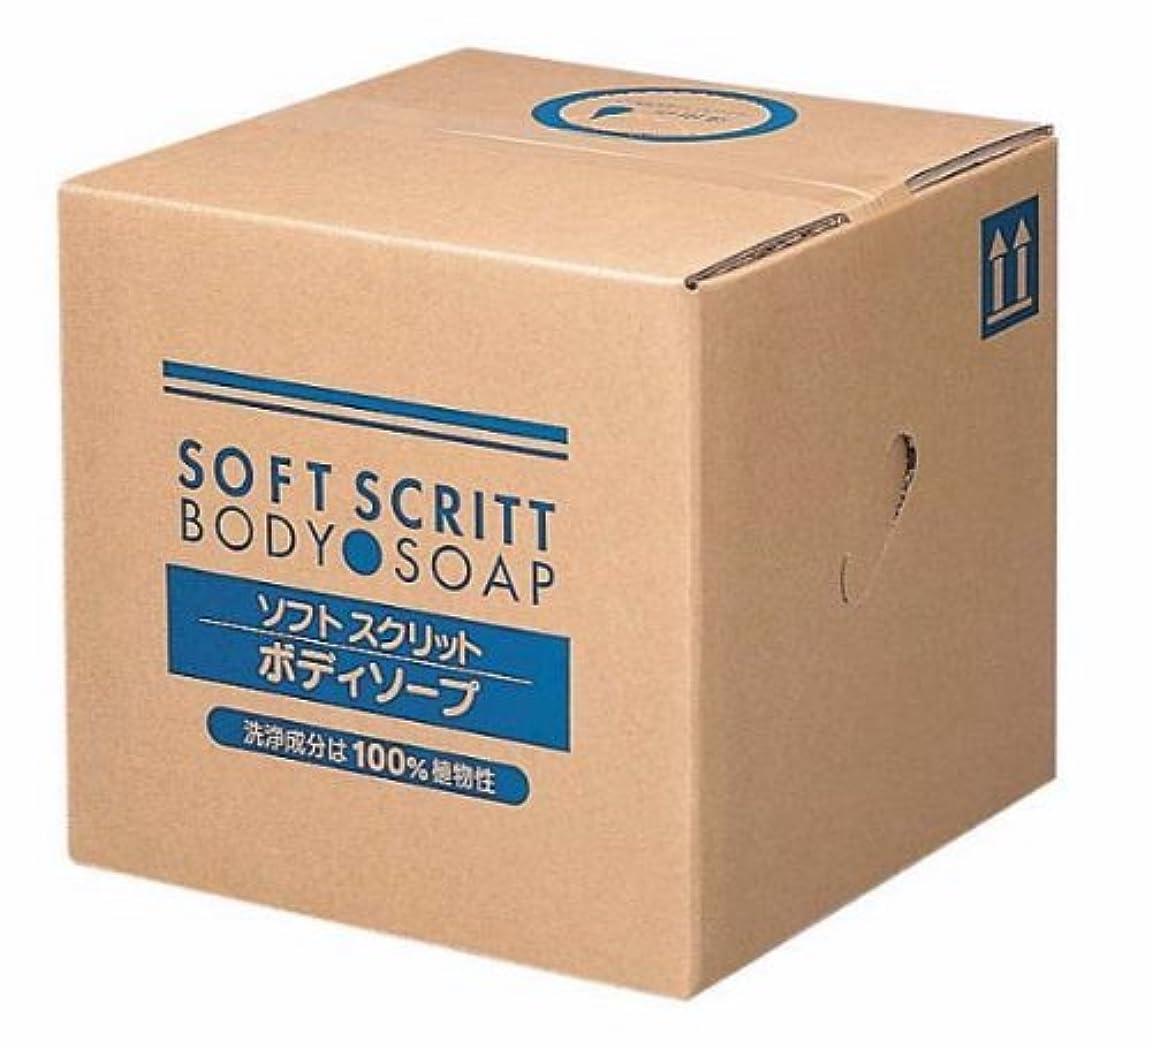 オーナメント調停者拮抗熊野油脂 業務用 SOFT SCRITT(ソフト スクリット) ボディソープ 18L